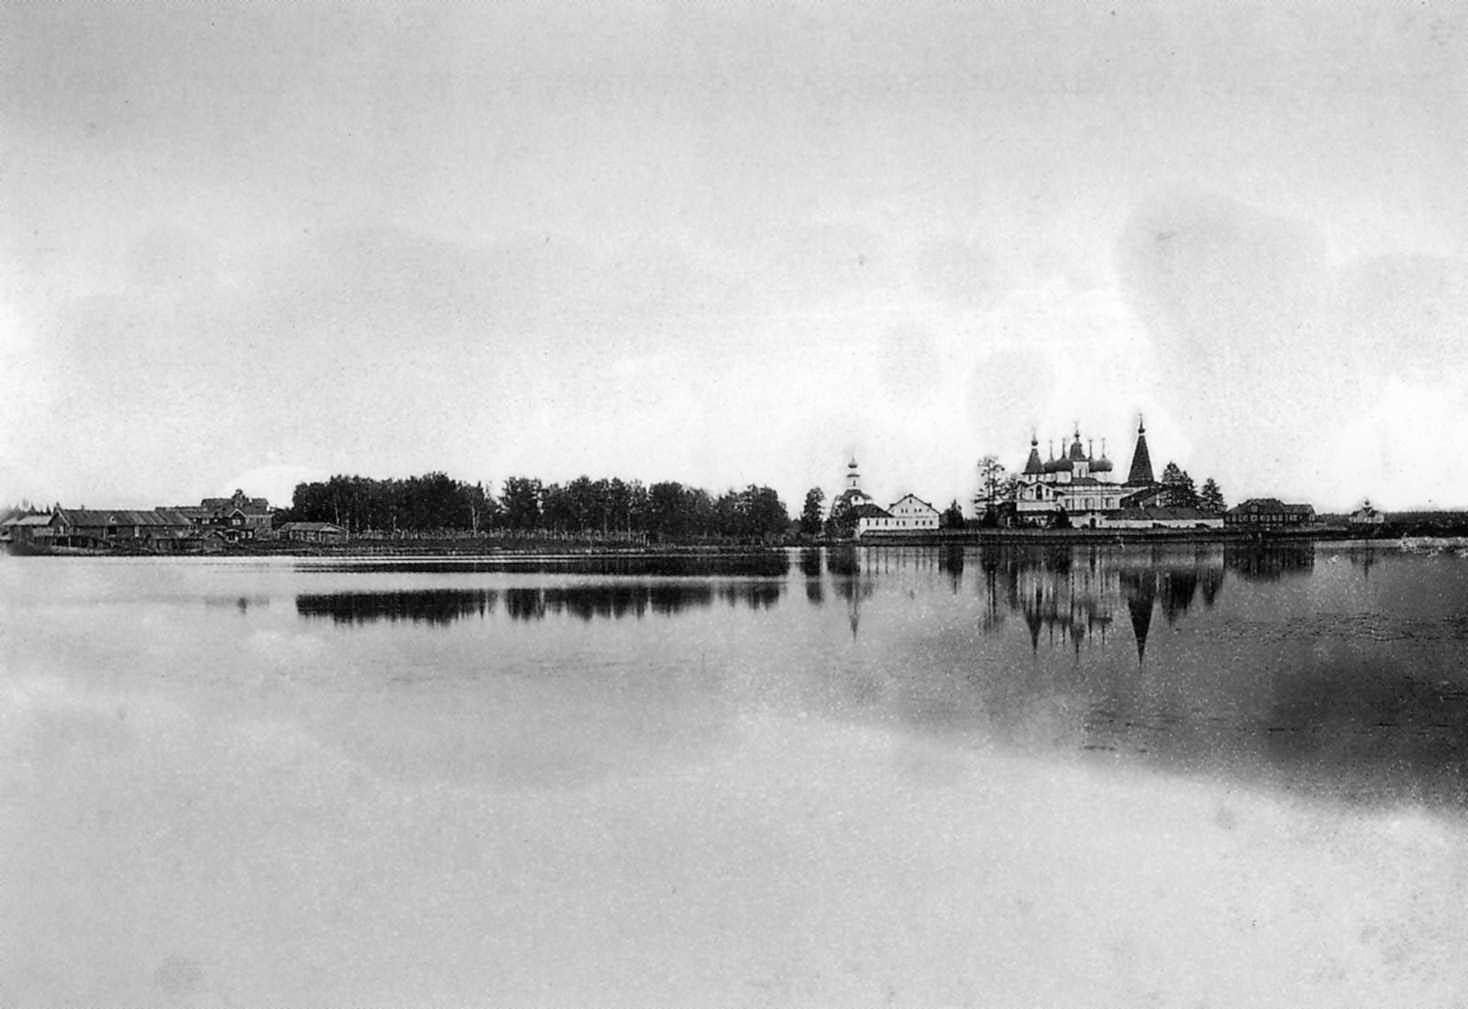 Окрестности Холмогор. Вид Антониево-Сийского монастыря